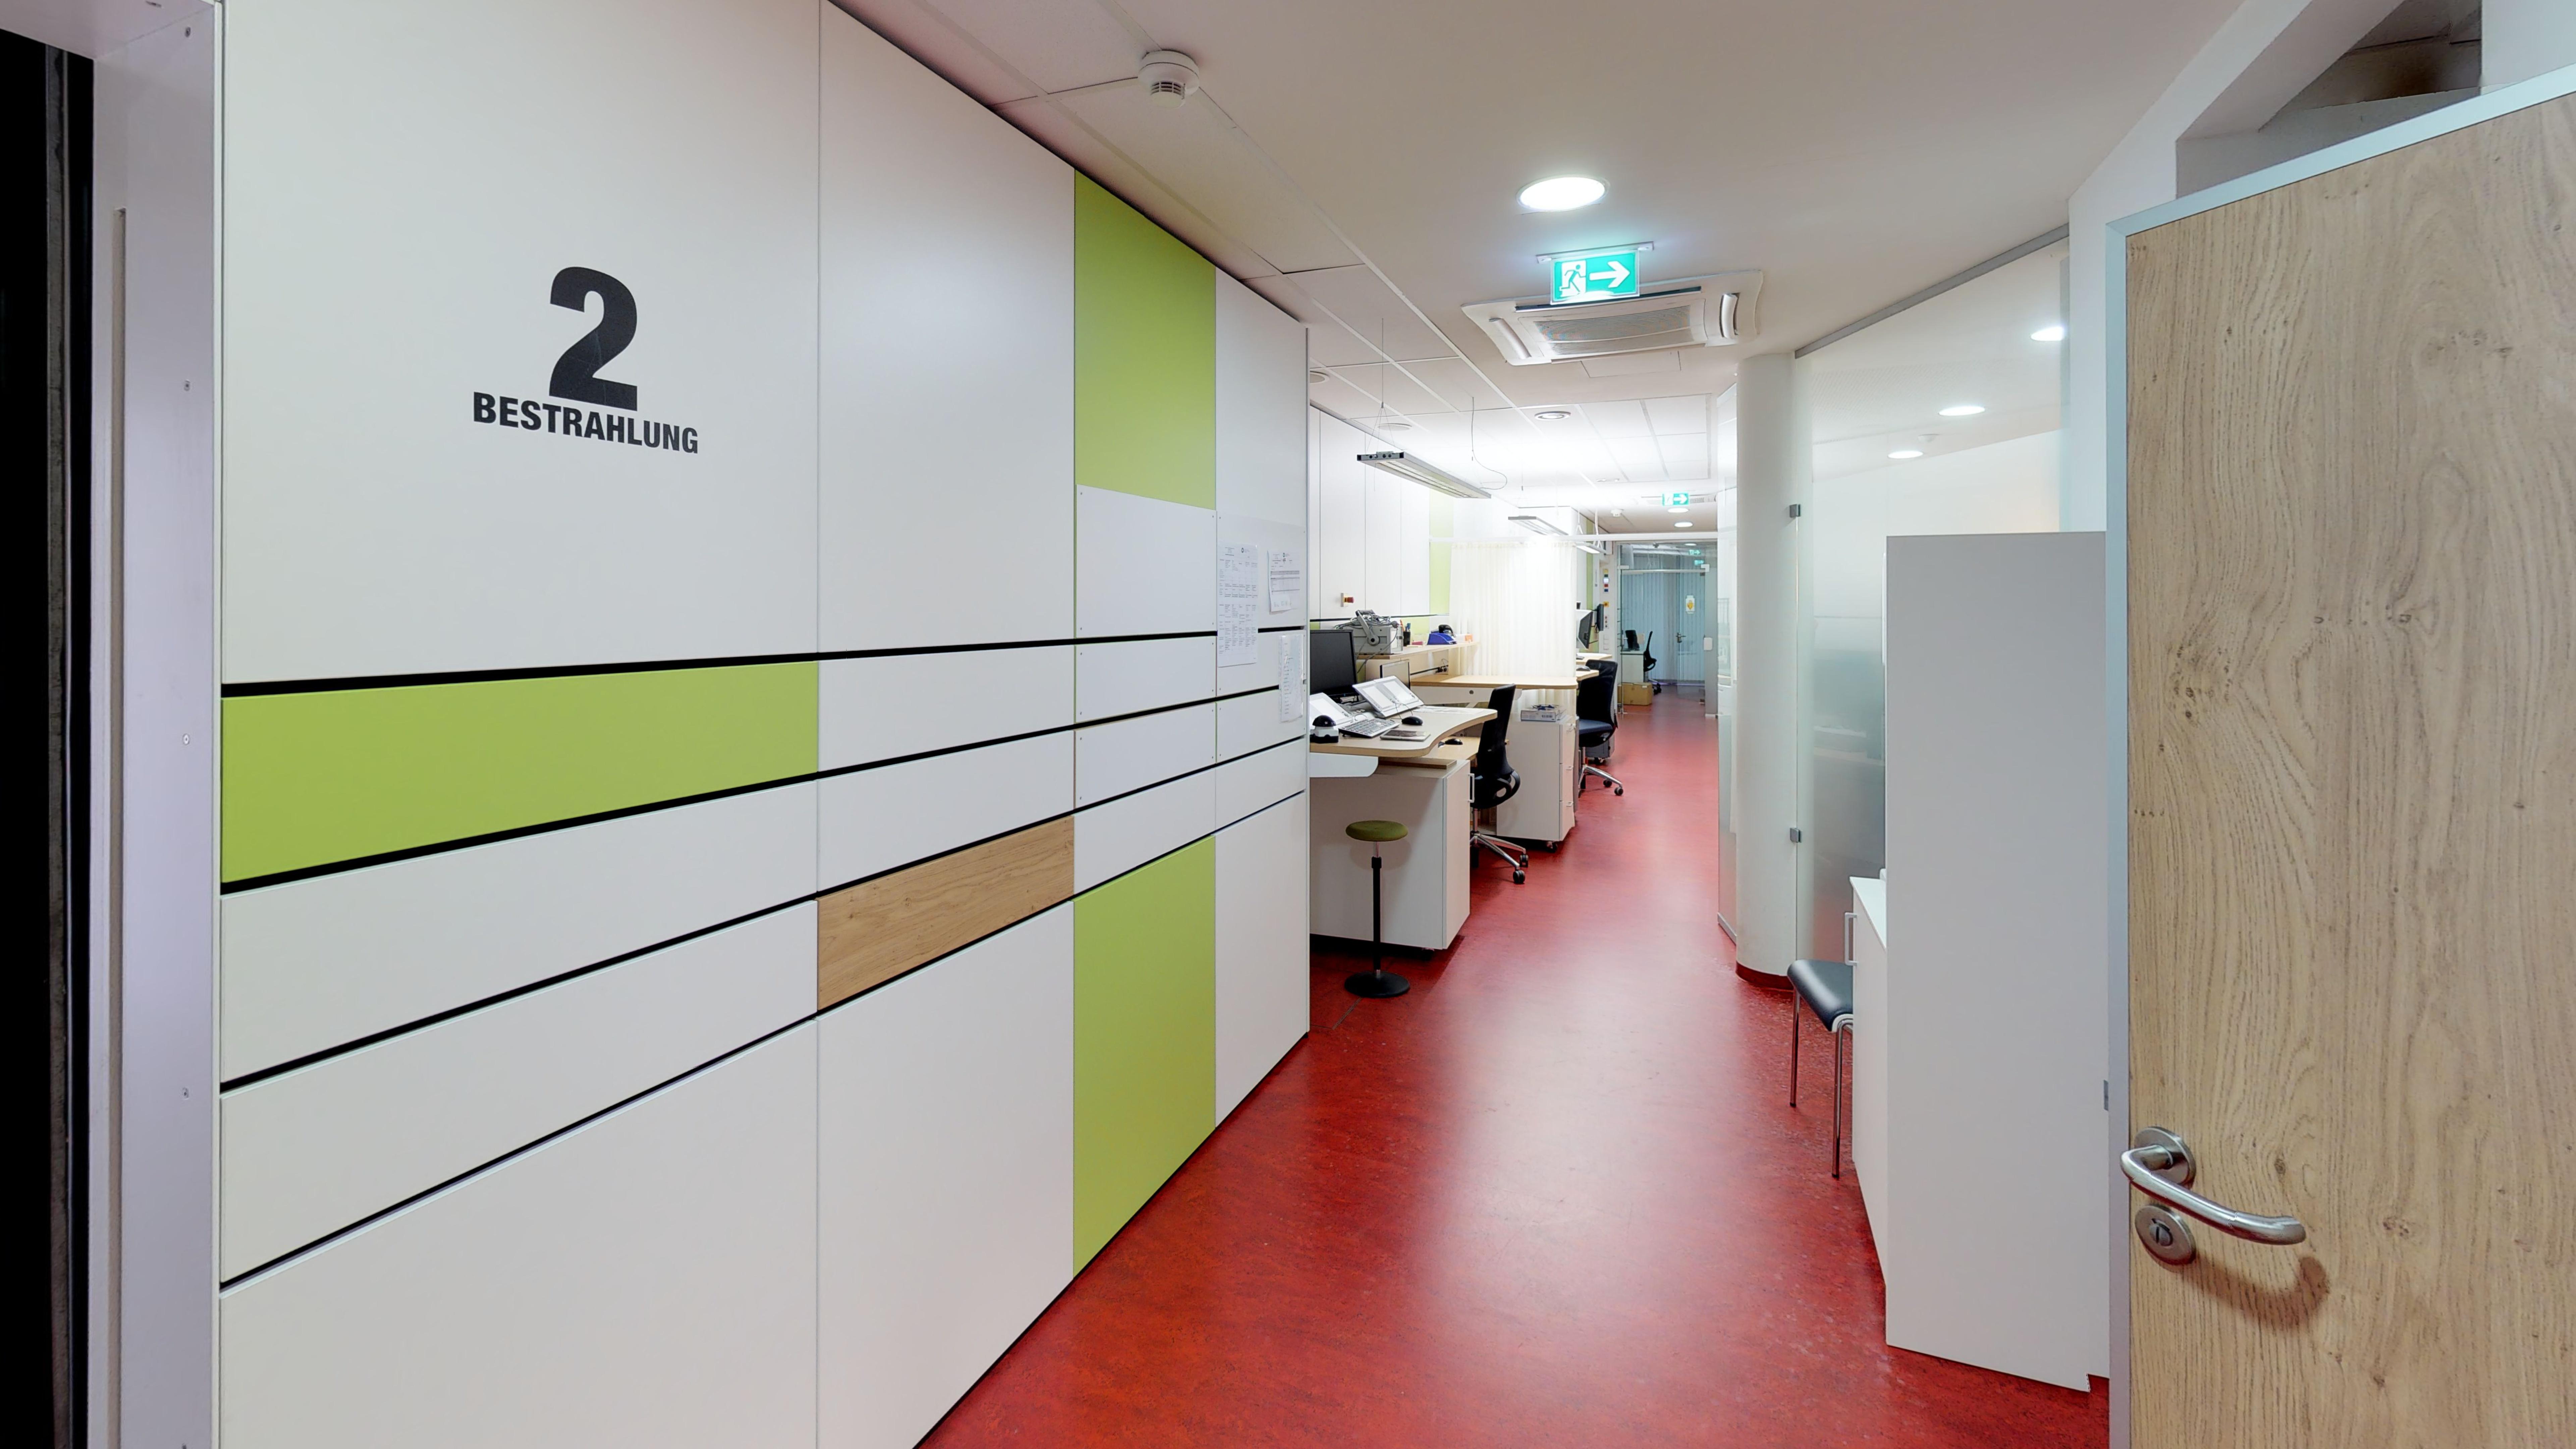 Strahlentherapiezentrum Freiburg